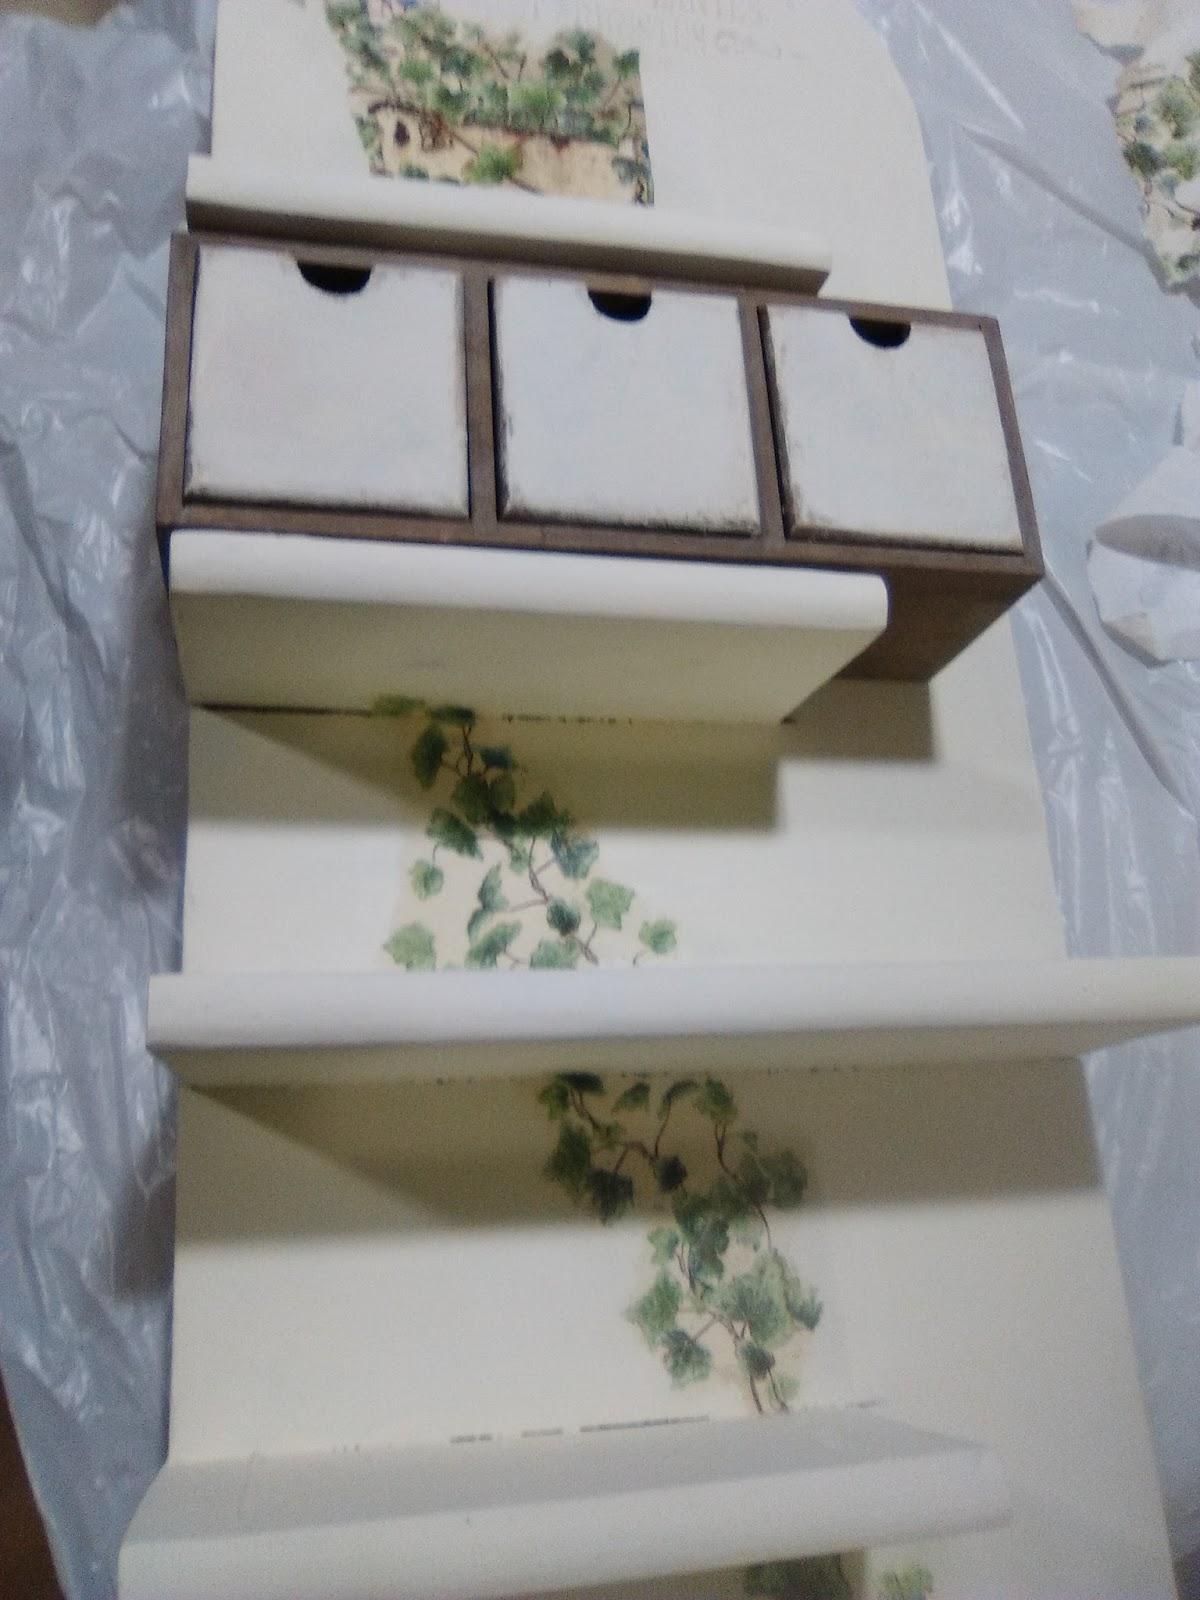 Lascosasdeleni de botellero a estanter a para plantas - Estanteria para plantas ...